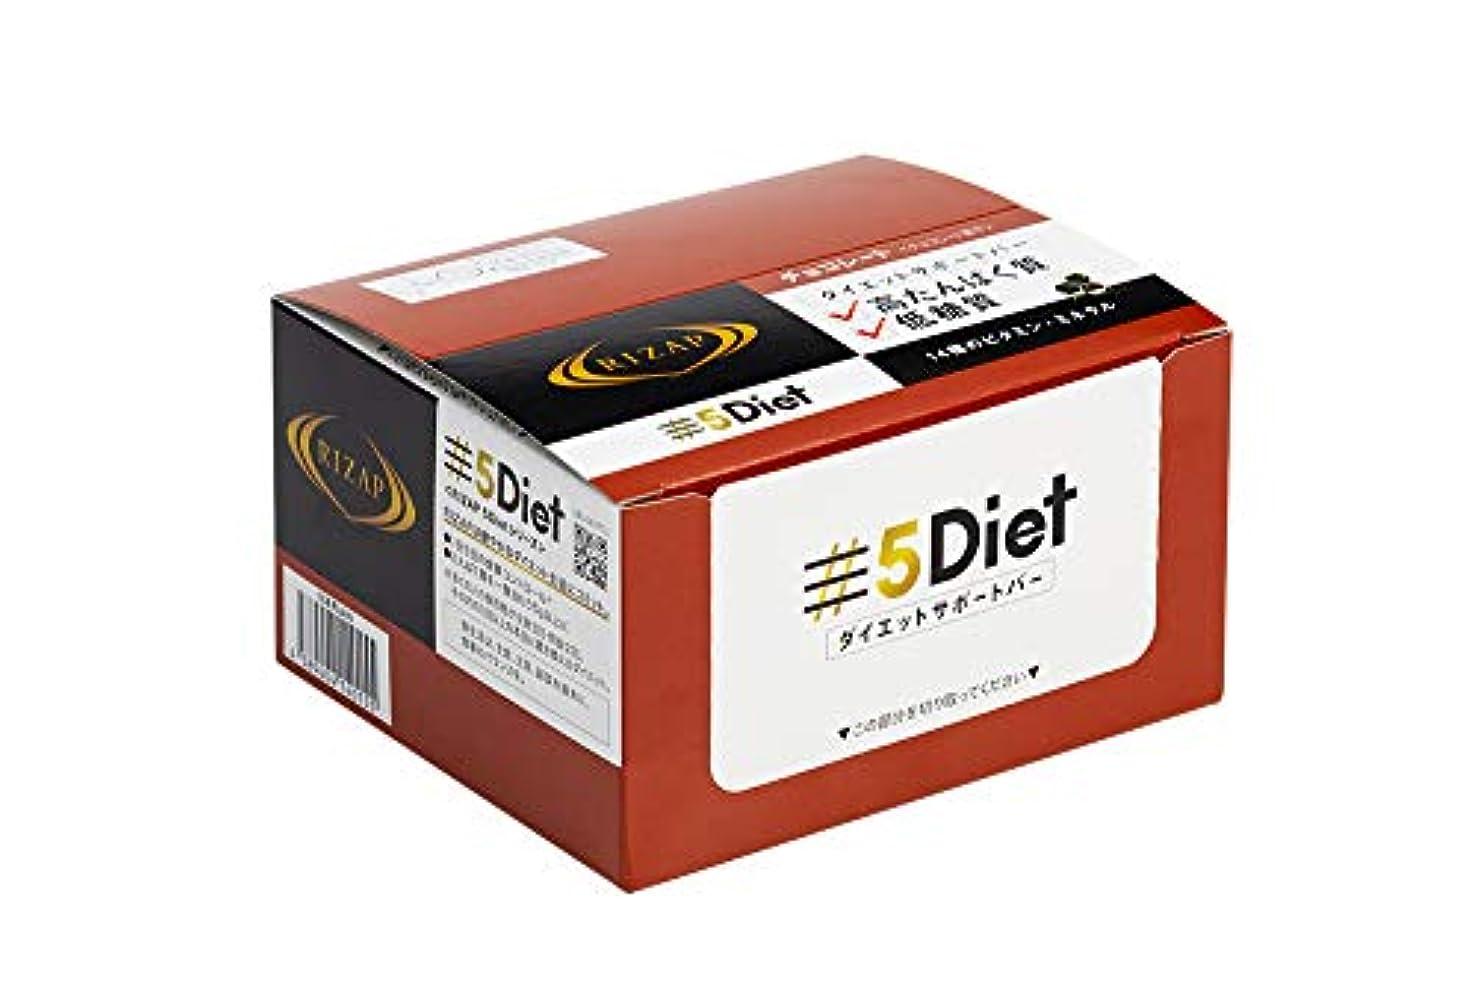 先ピラミッド担当者RIZAP 5Diet サポートバー チョコレート味 12本入×1箱